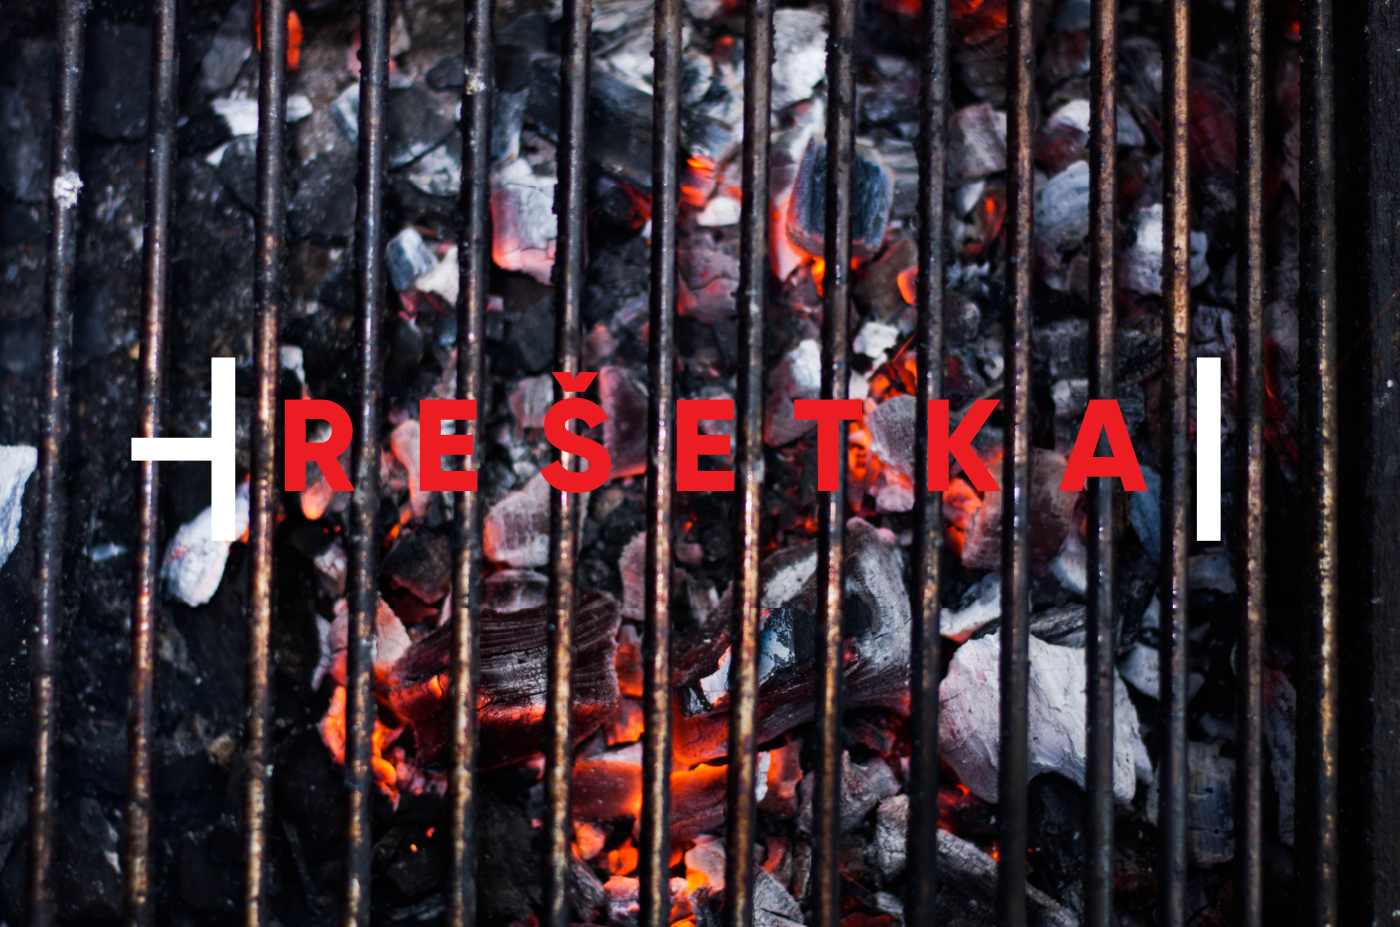 reshetka_7